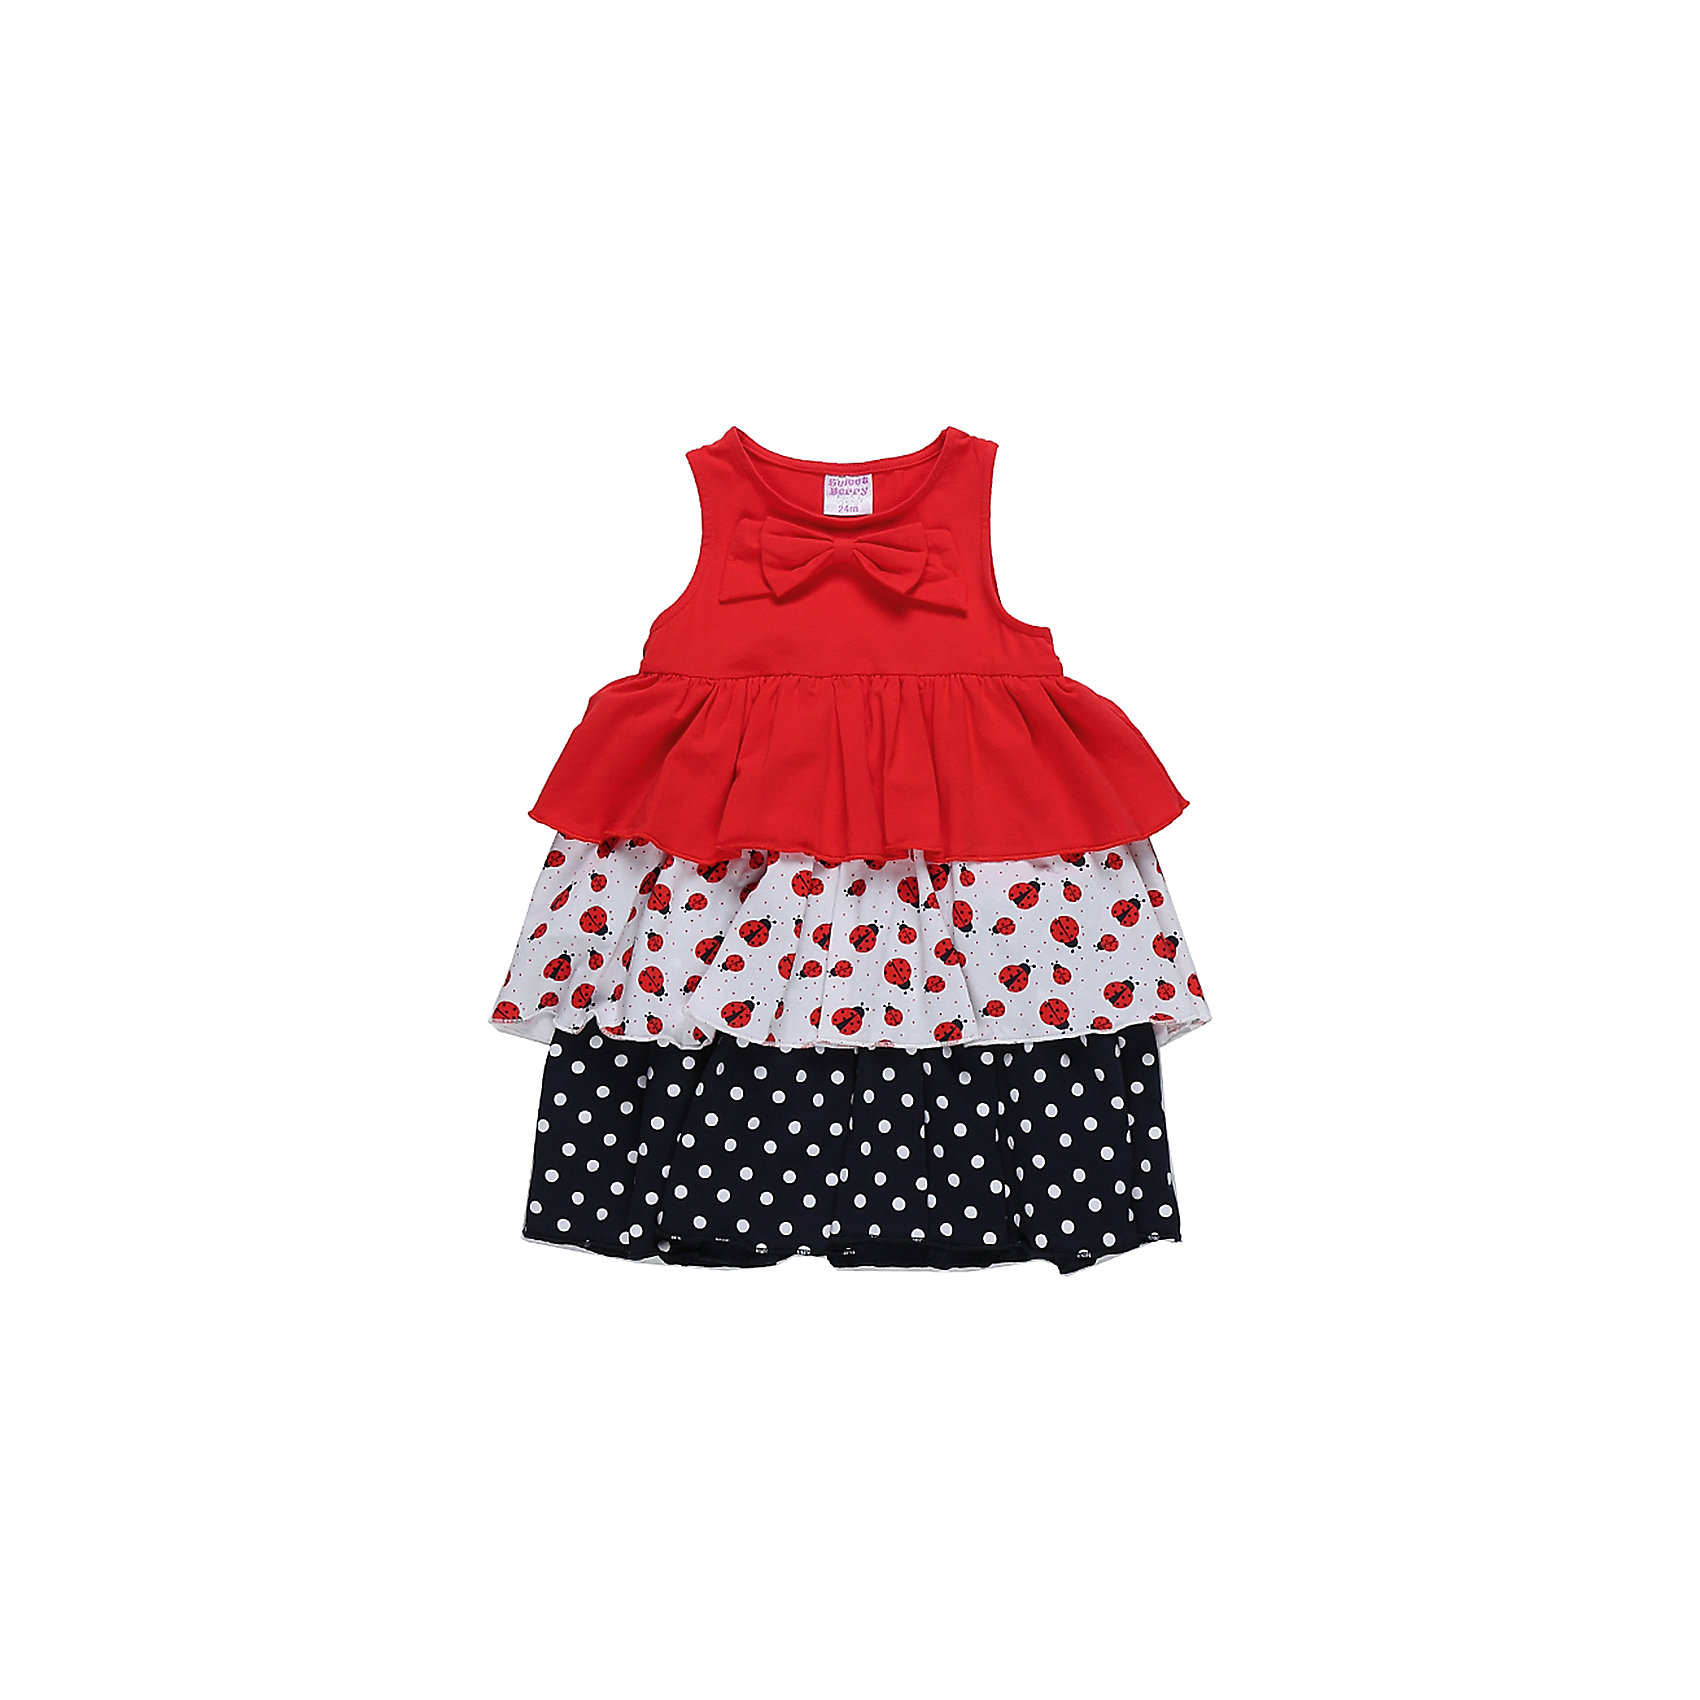 Платье для девочки Sweet BerryЯркий трикотажный сарафан для девочки из трех видов ткани. Кокетка декорирована красным бантом.<br>Состав:<br>95%хлопок 5%эластан<br><br>Ширина мм: 236<br>Глубина мм: 16<br>Высота мм: 184<br>Вес г: 177<br>Цвет: разноцветный<br>Возраст от месяцев: 12<br>Возраст до месяцев: 15<br>Пол: Женский<br>Возраст: Детский<br>Размер: 80,86,92,98<br>SKU: 5411068